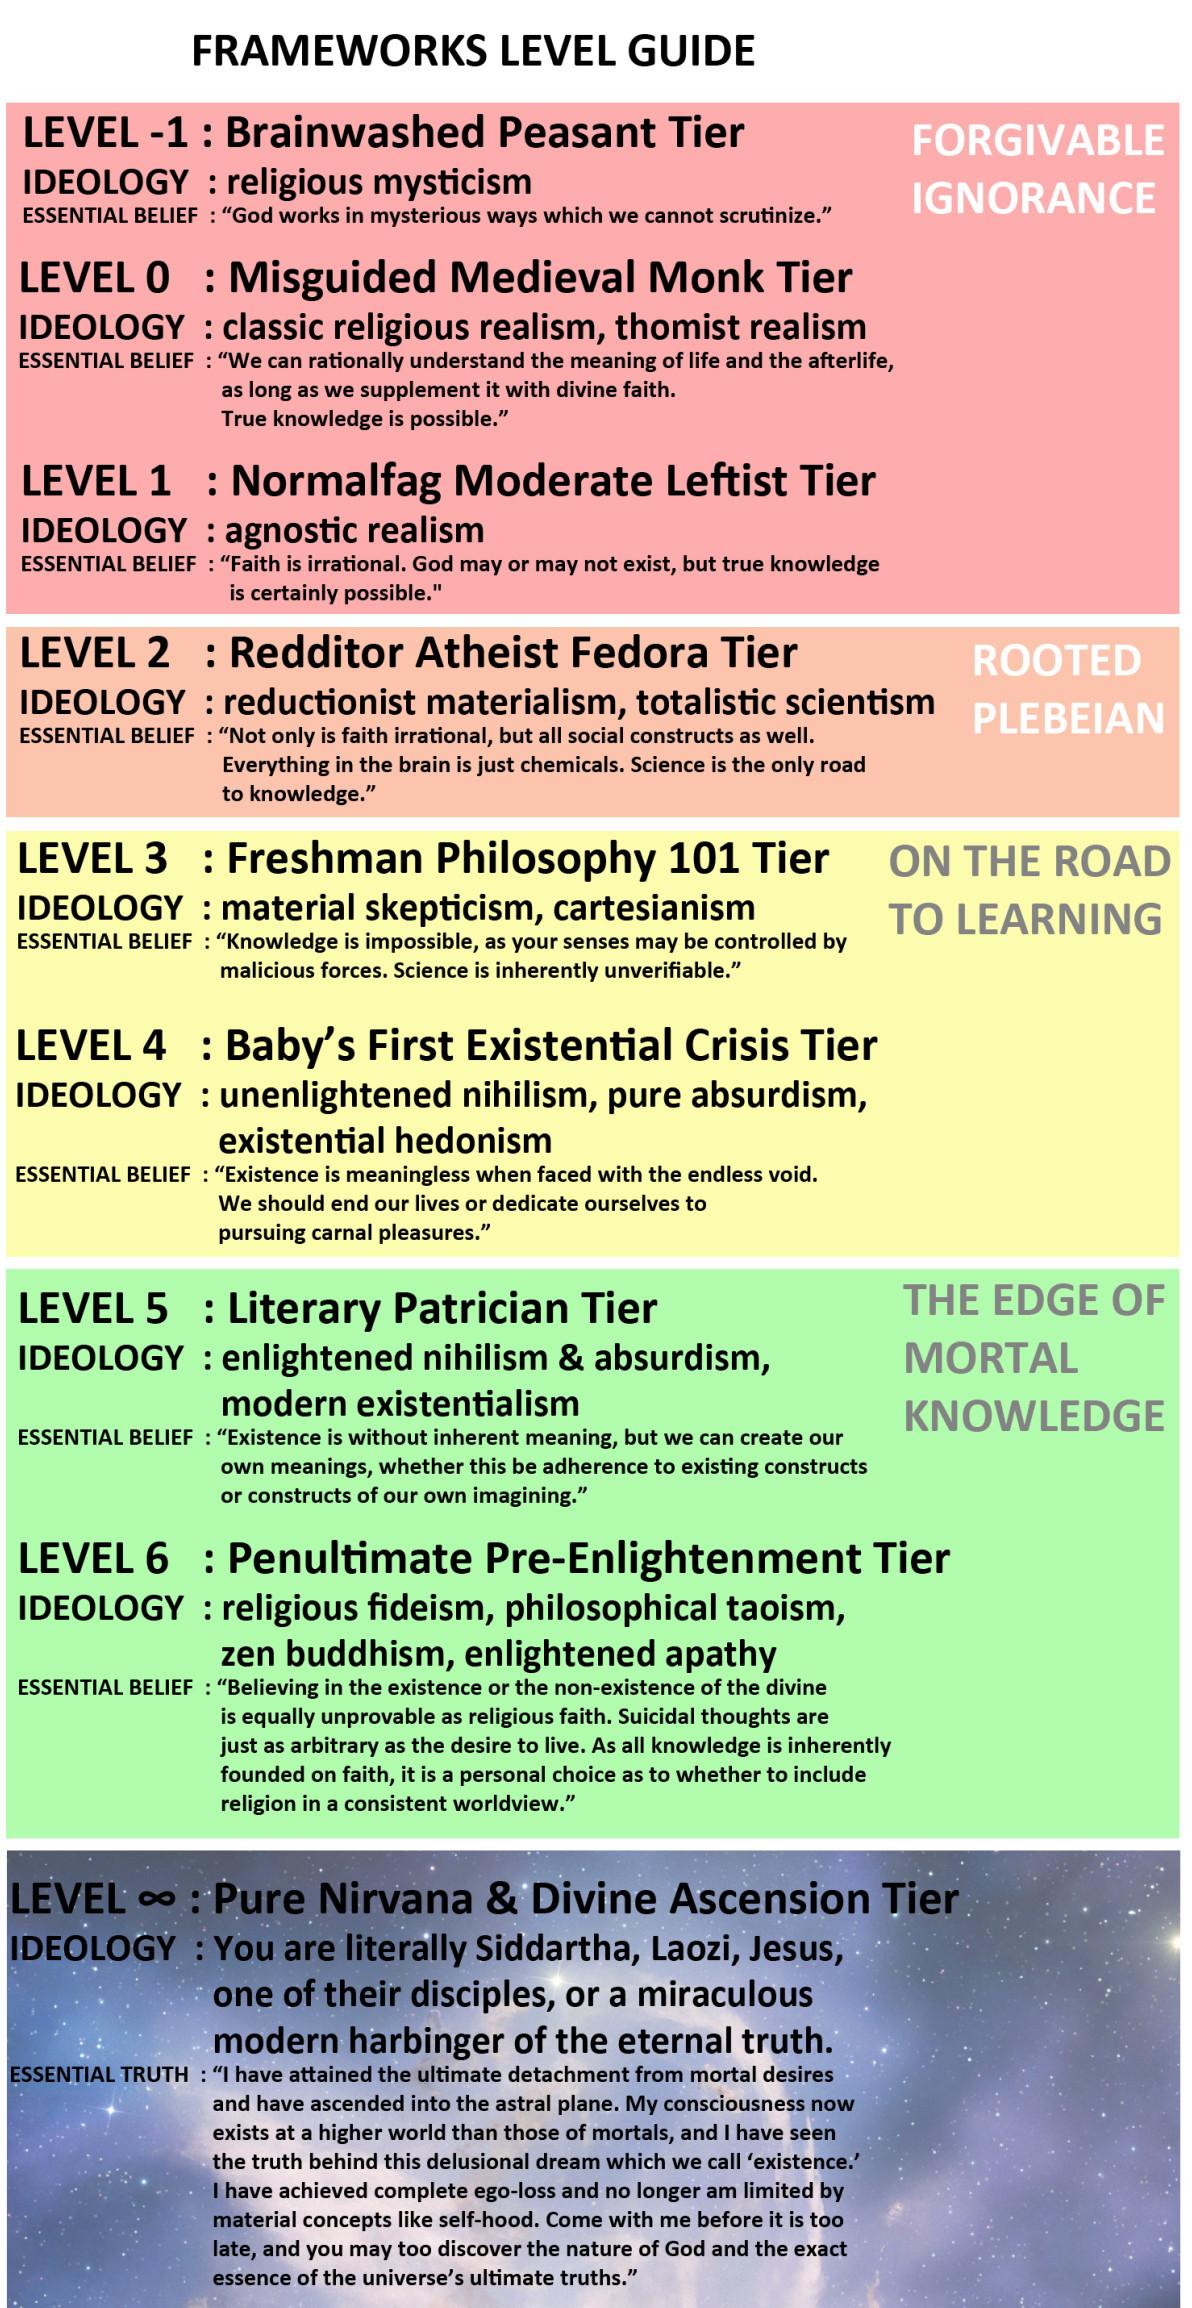 How Good is your Understanding of Philosophy? - Forums